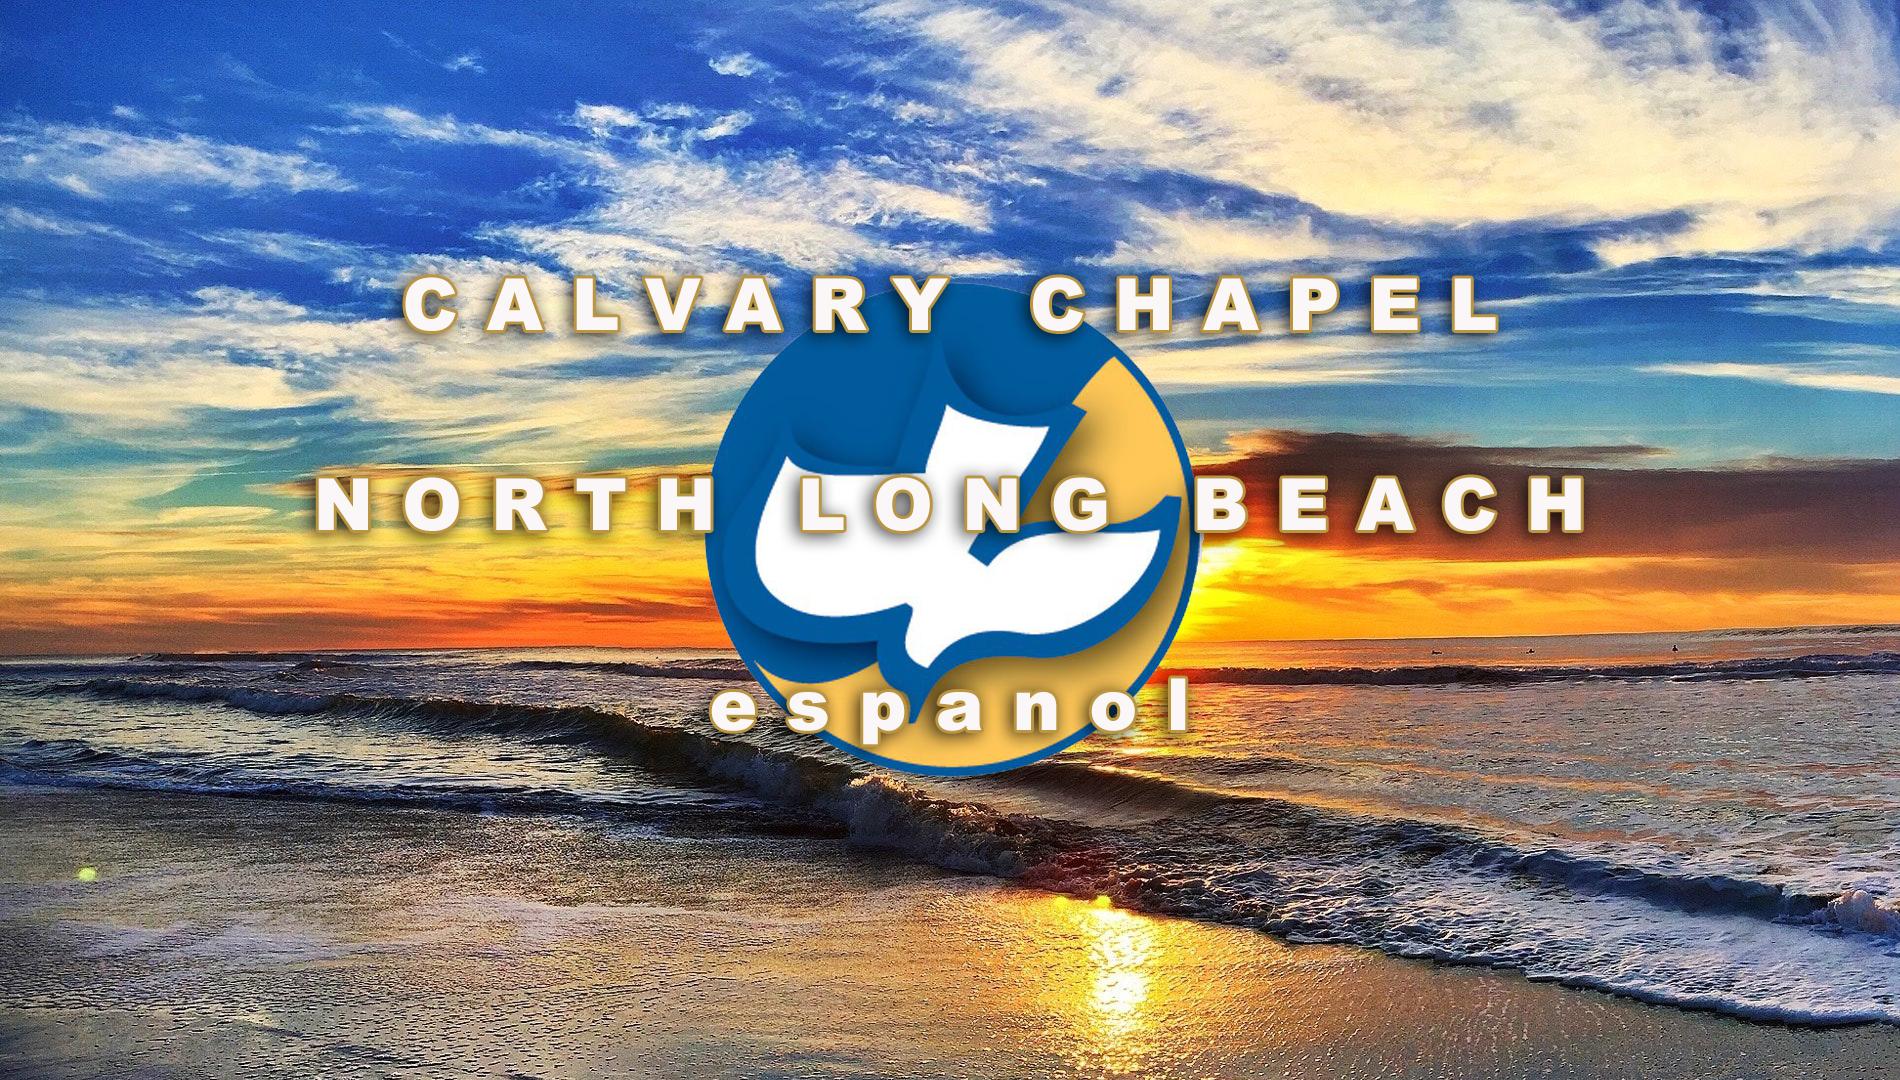 Calvary Chapel North Long Beach